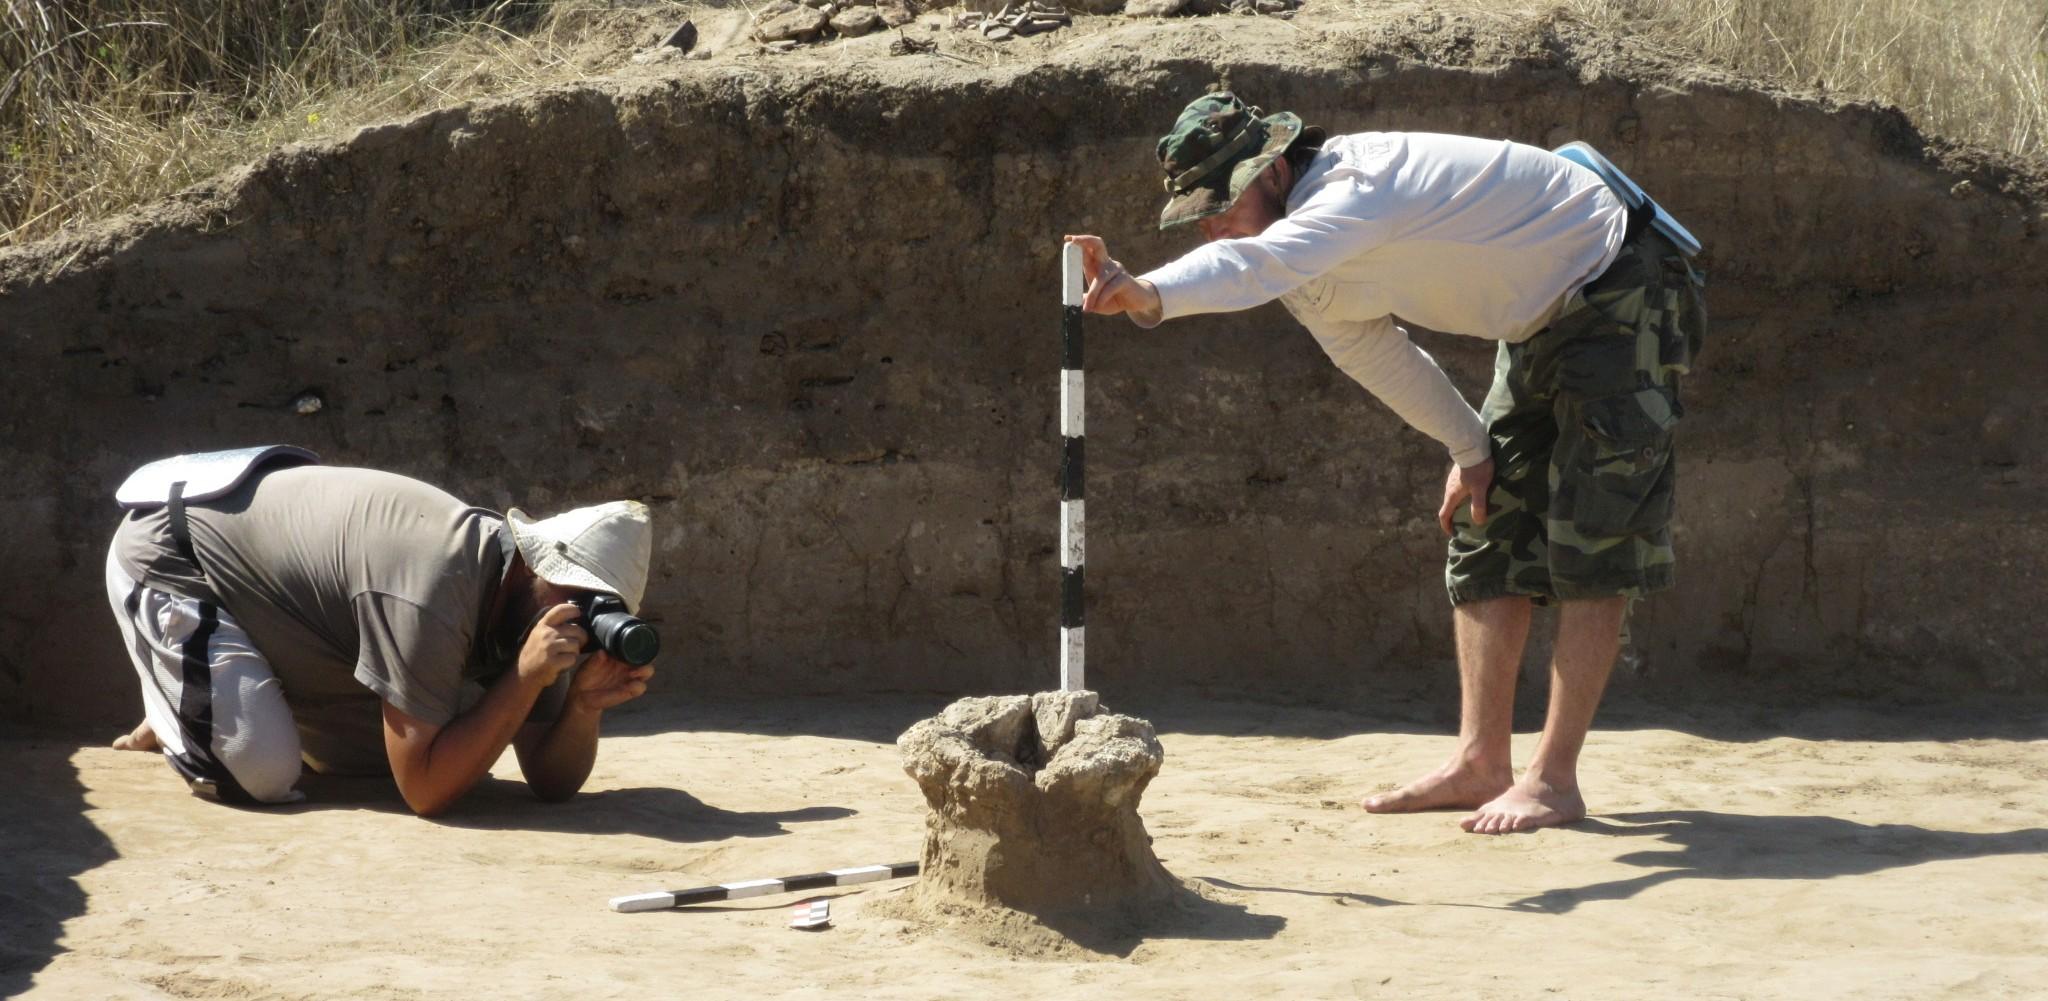 Археологи и собачки: какой сегодня праздник и день ангела 15 августа - фото 2